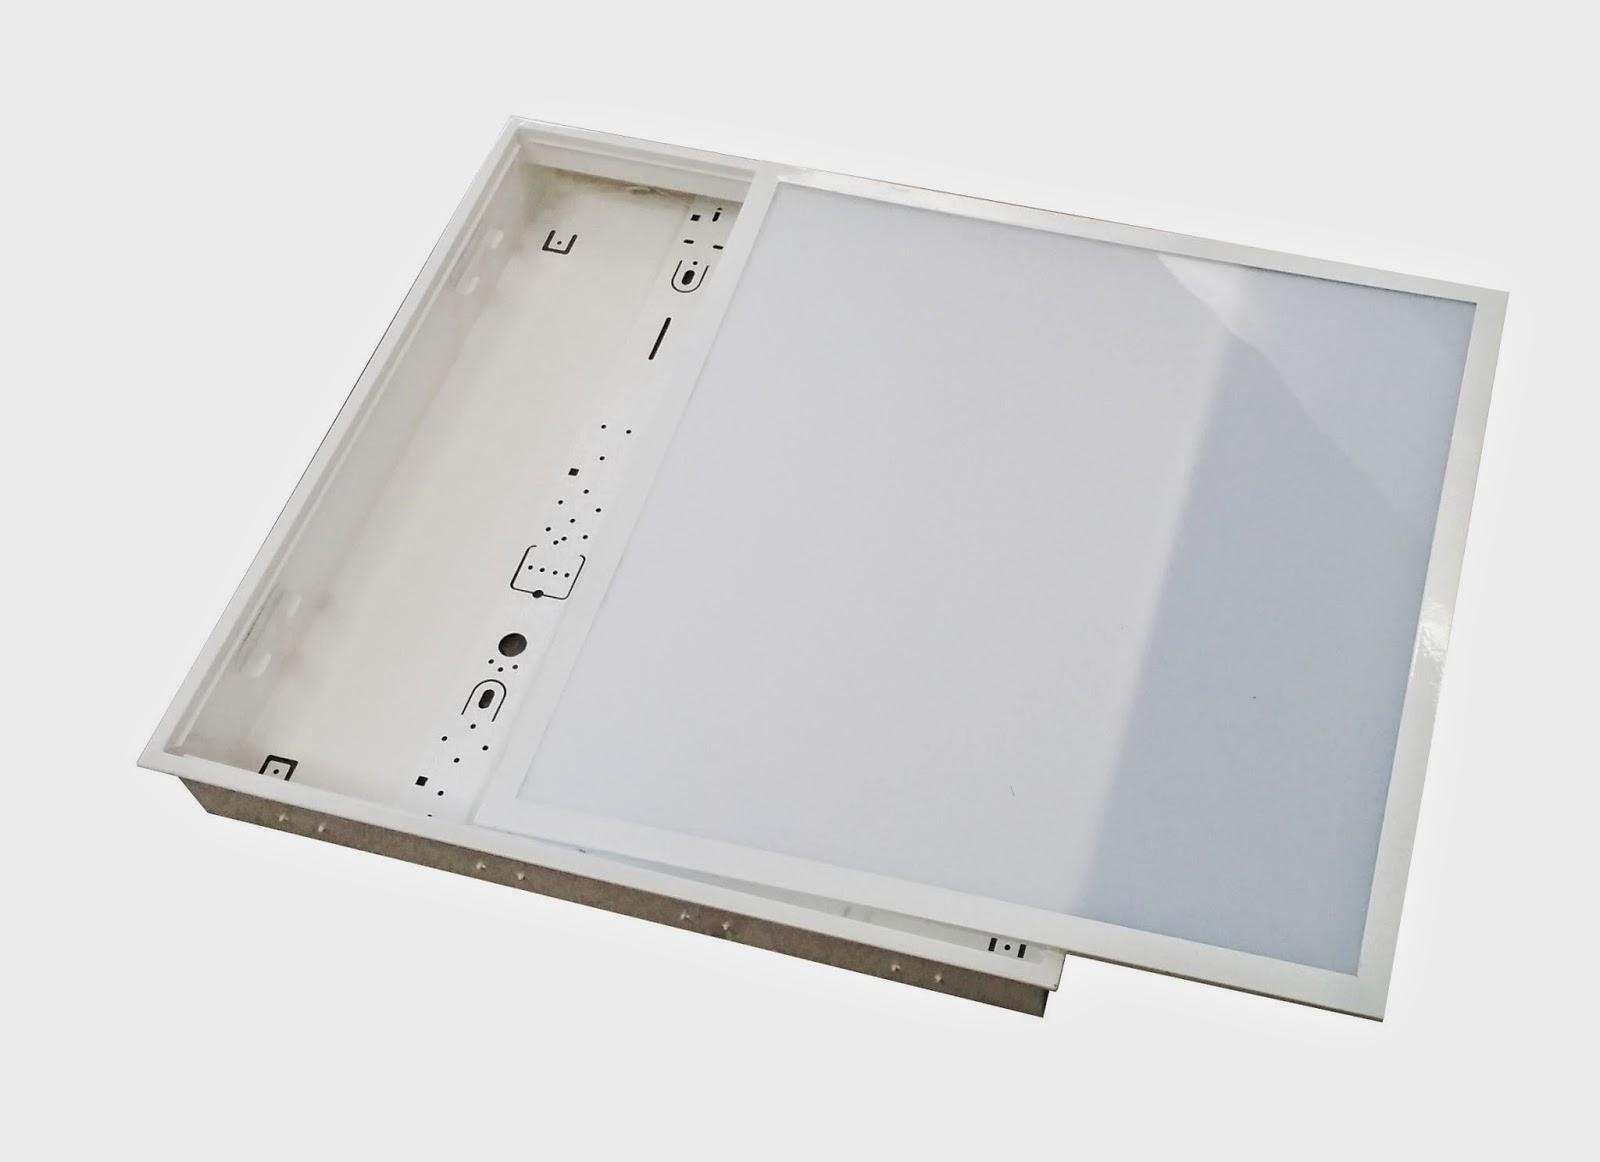 Plafoniera Da Incasso Led : Illuminazione led plafoniera da incasso con ottica opalina per